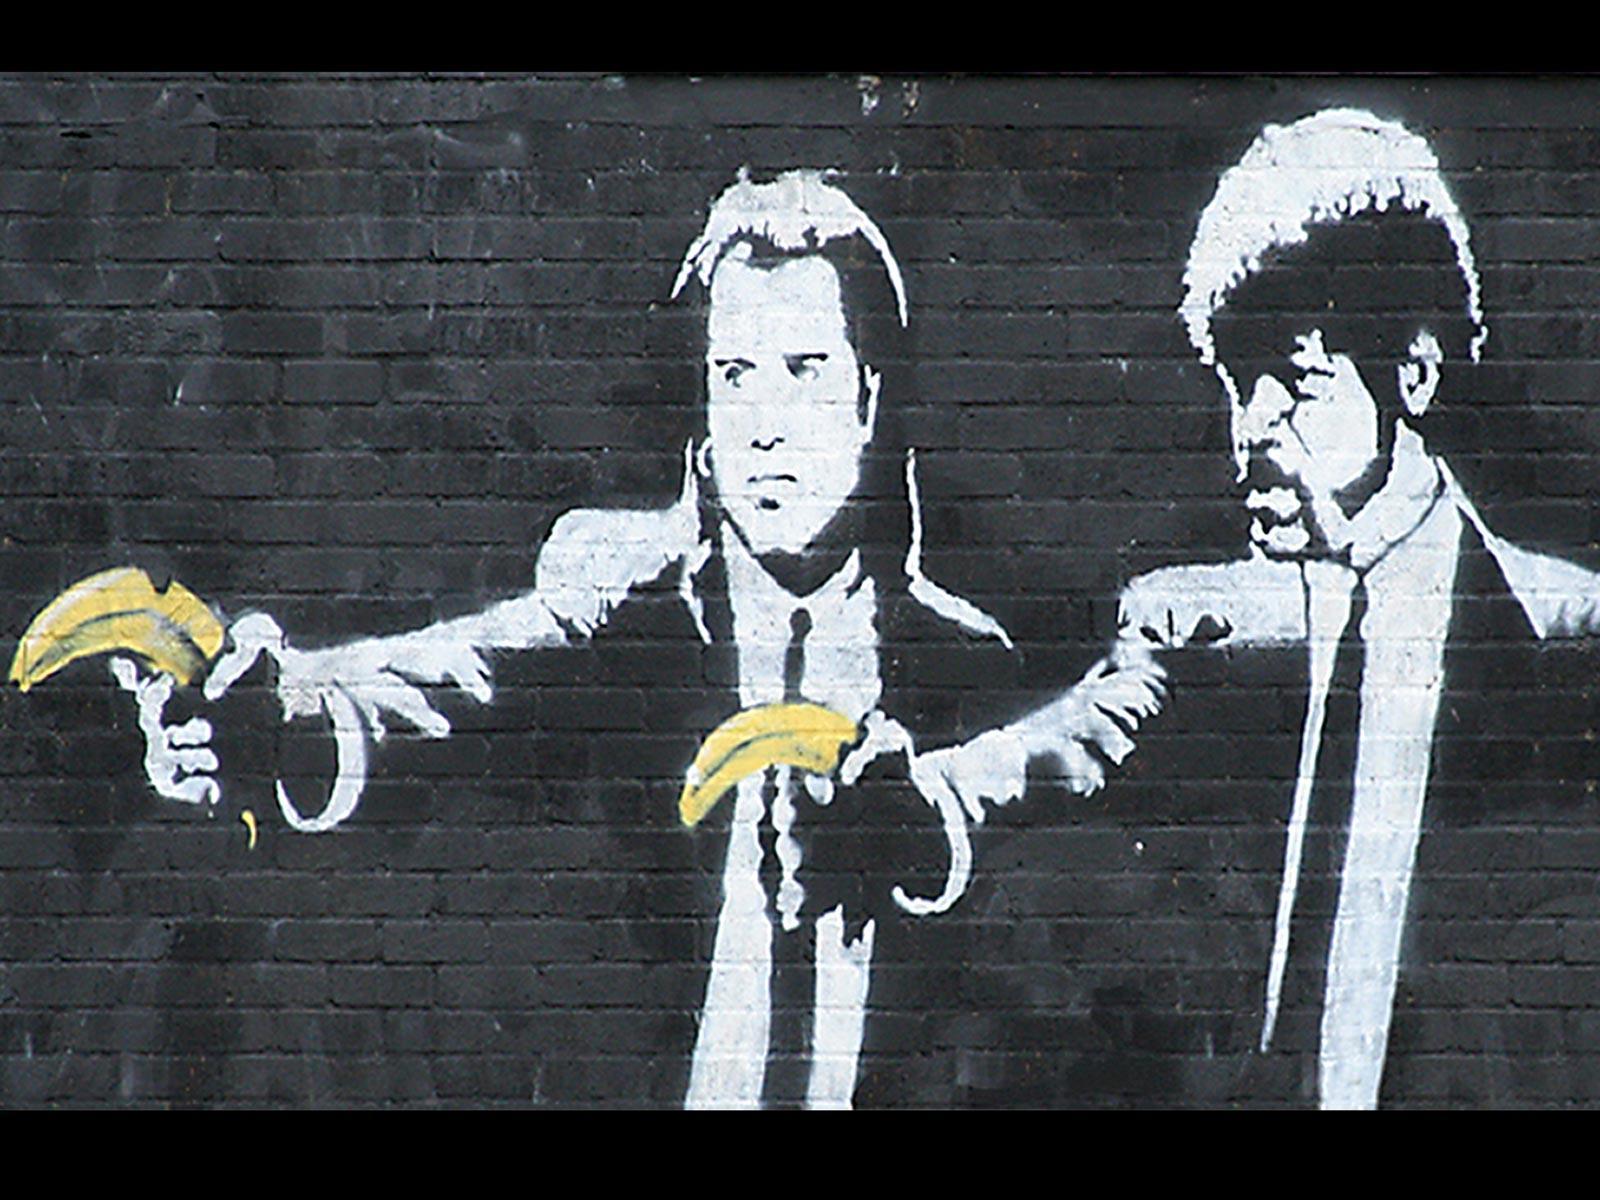 Banksy Graffiti Wallpapers - Wallpaper Cave